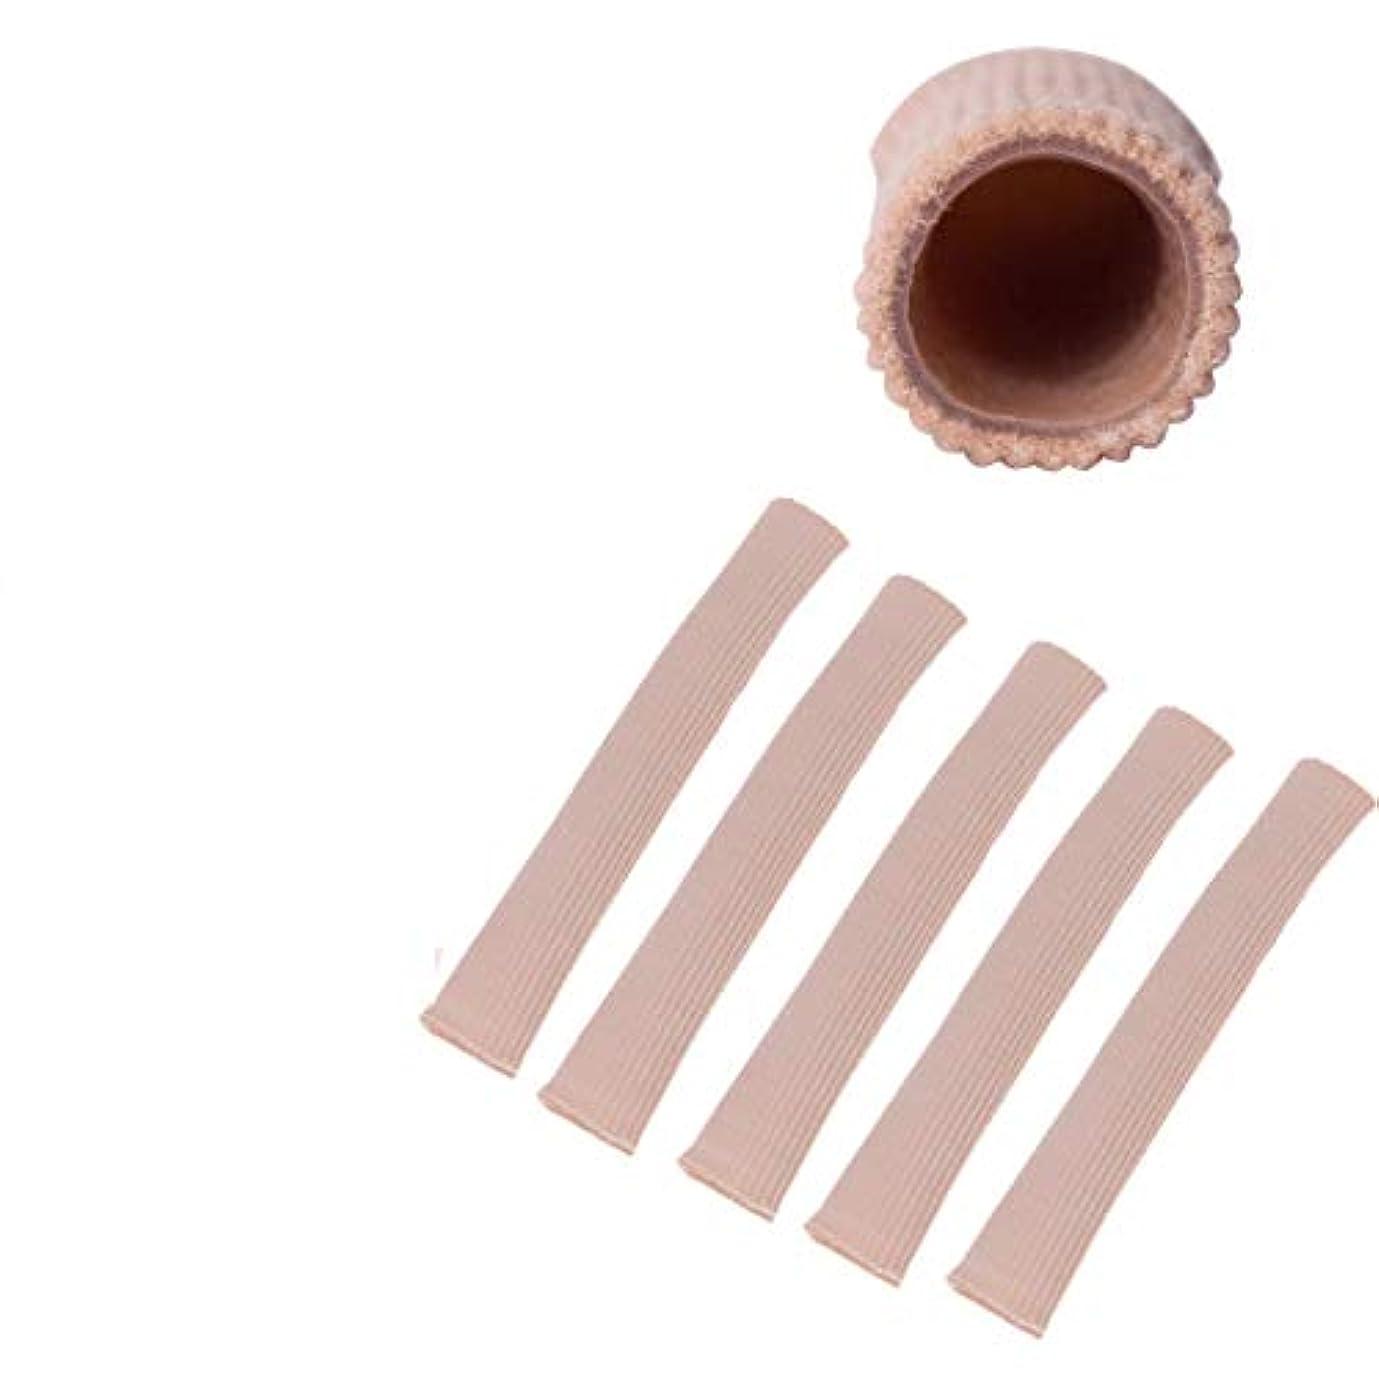 予想するで美的Wecando足指保護ジェルパッド つま先 指 外反母趾 内反小趾 矯正 保護 魚の目 摩擦痛み緩和 調整可能 (スキントーン 5本, L)